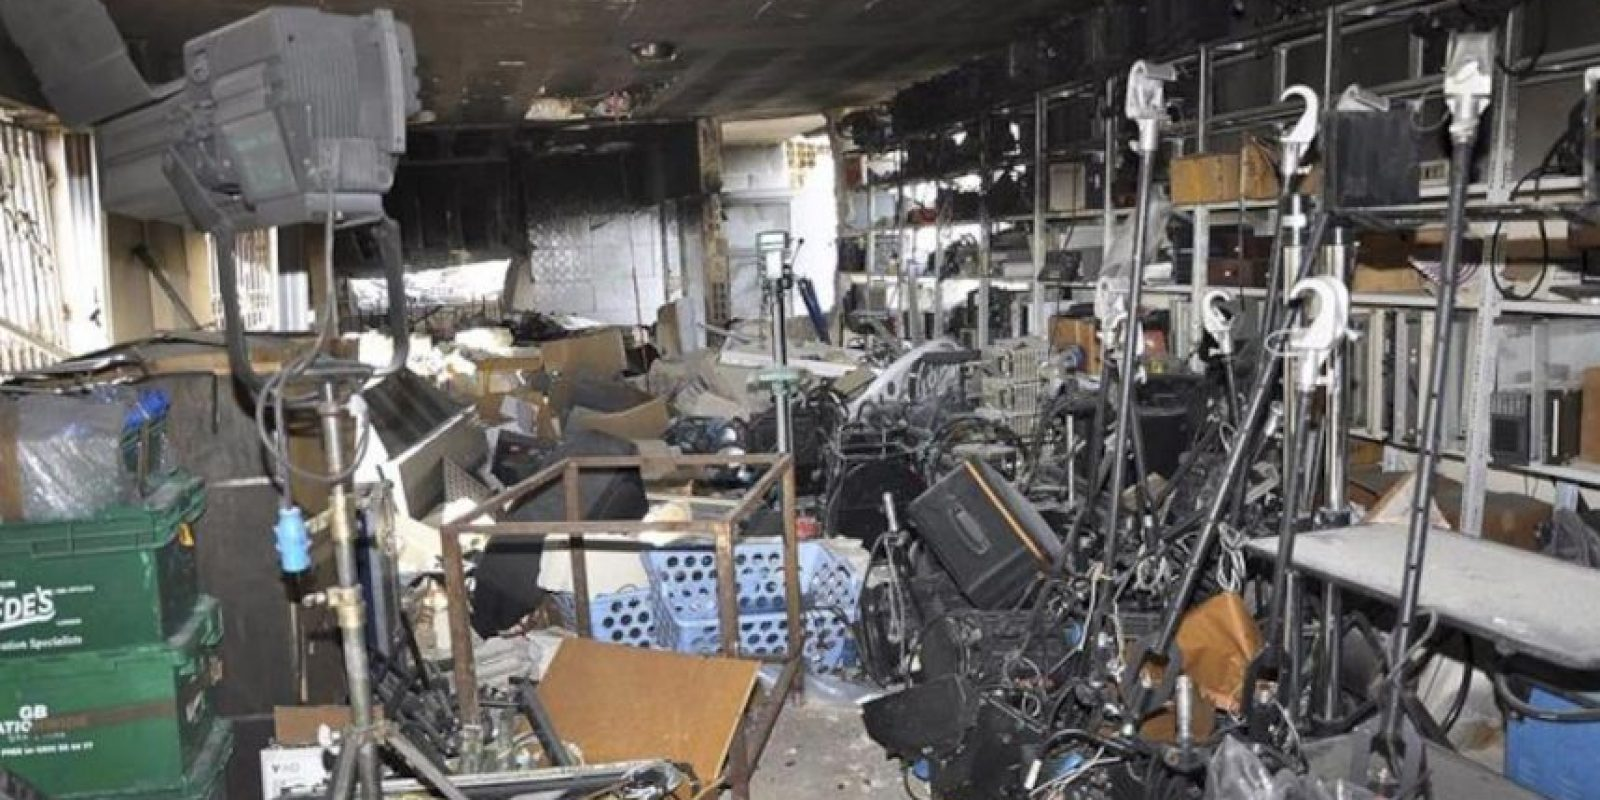 Fotografía facilitada por la agencia estatal de noticias siria SANA de los daños registrados en la sede de la cadena de televisión progubernamental Al Ikhbariya, en la zona de Drousha, unos 15 kilómetros al oeste de Damasco, (Siria) hoy, miércoles 27 de junio. EFE